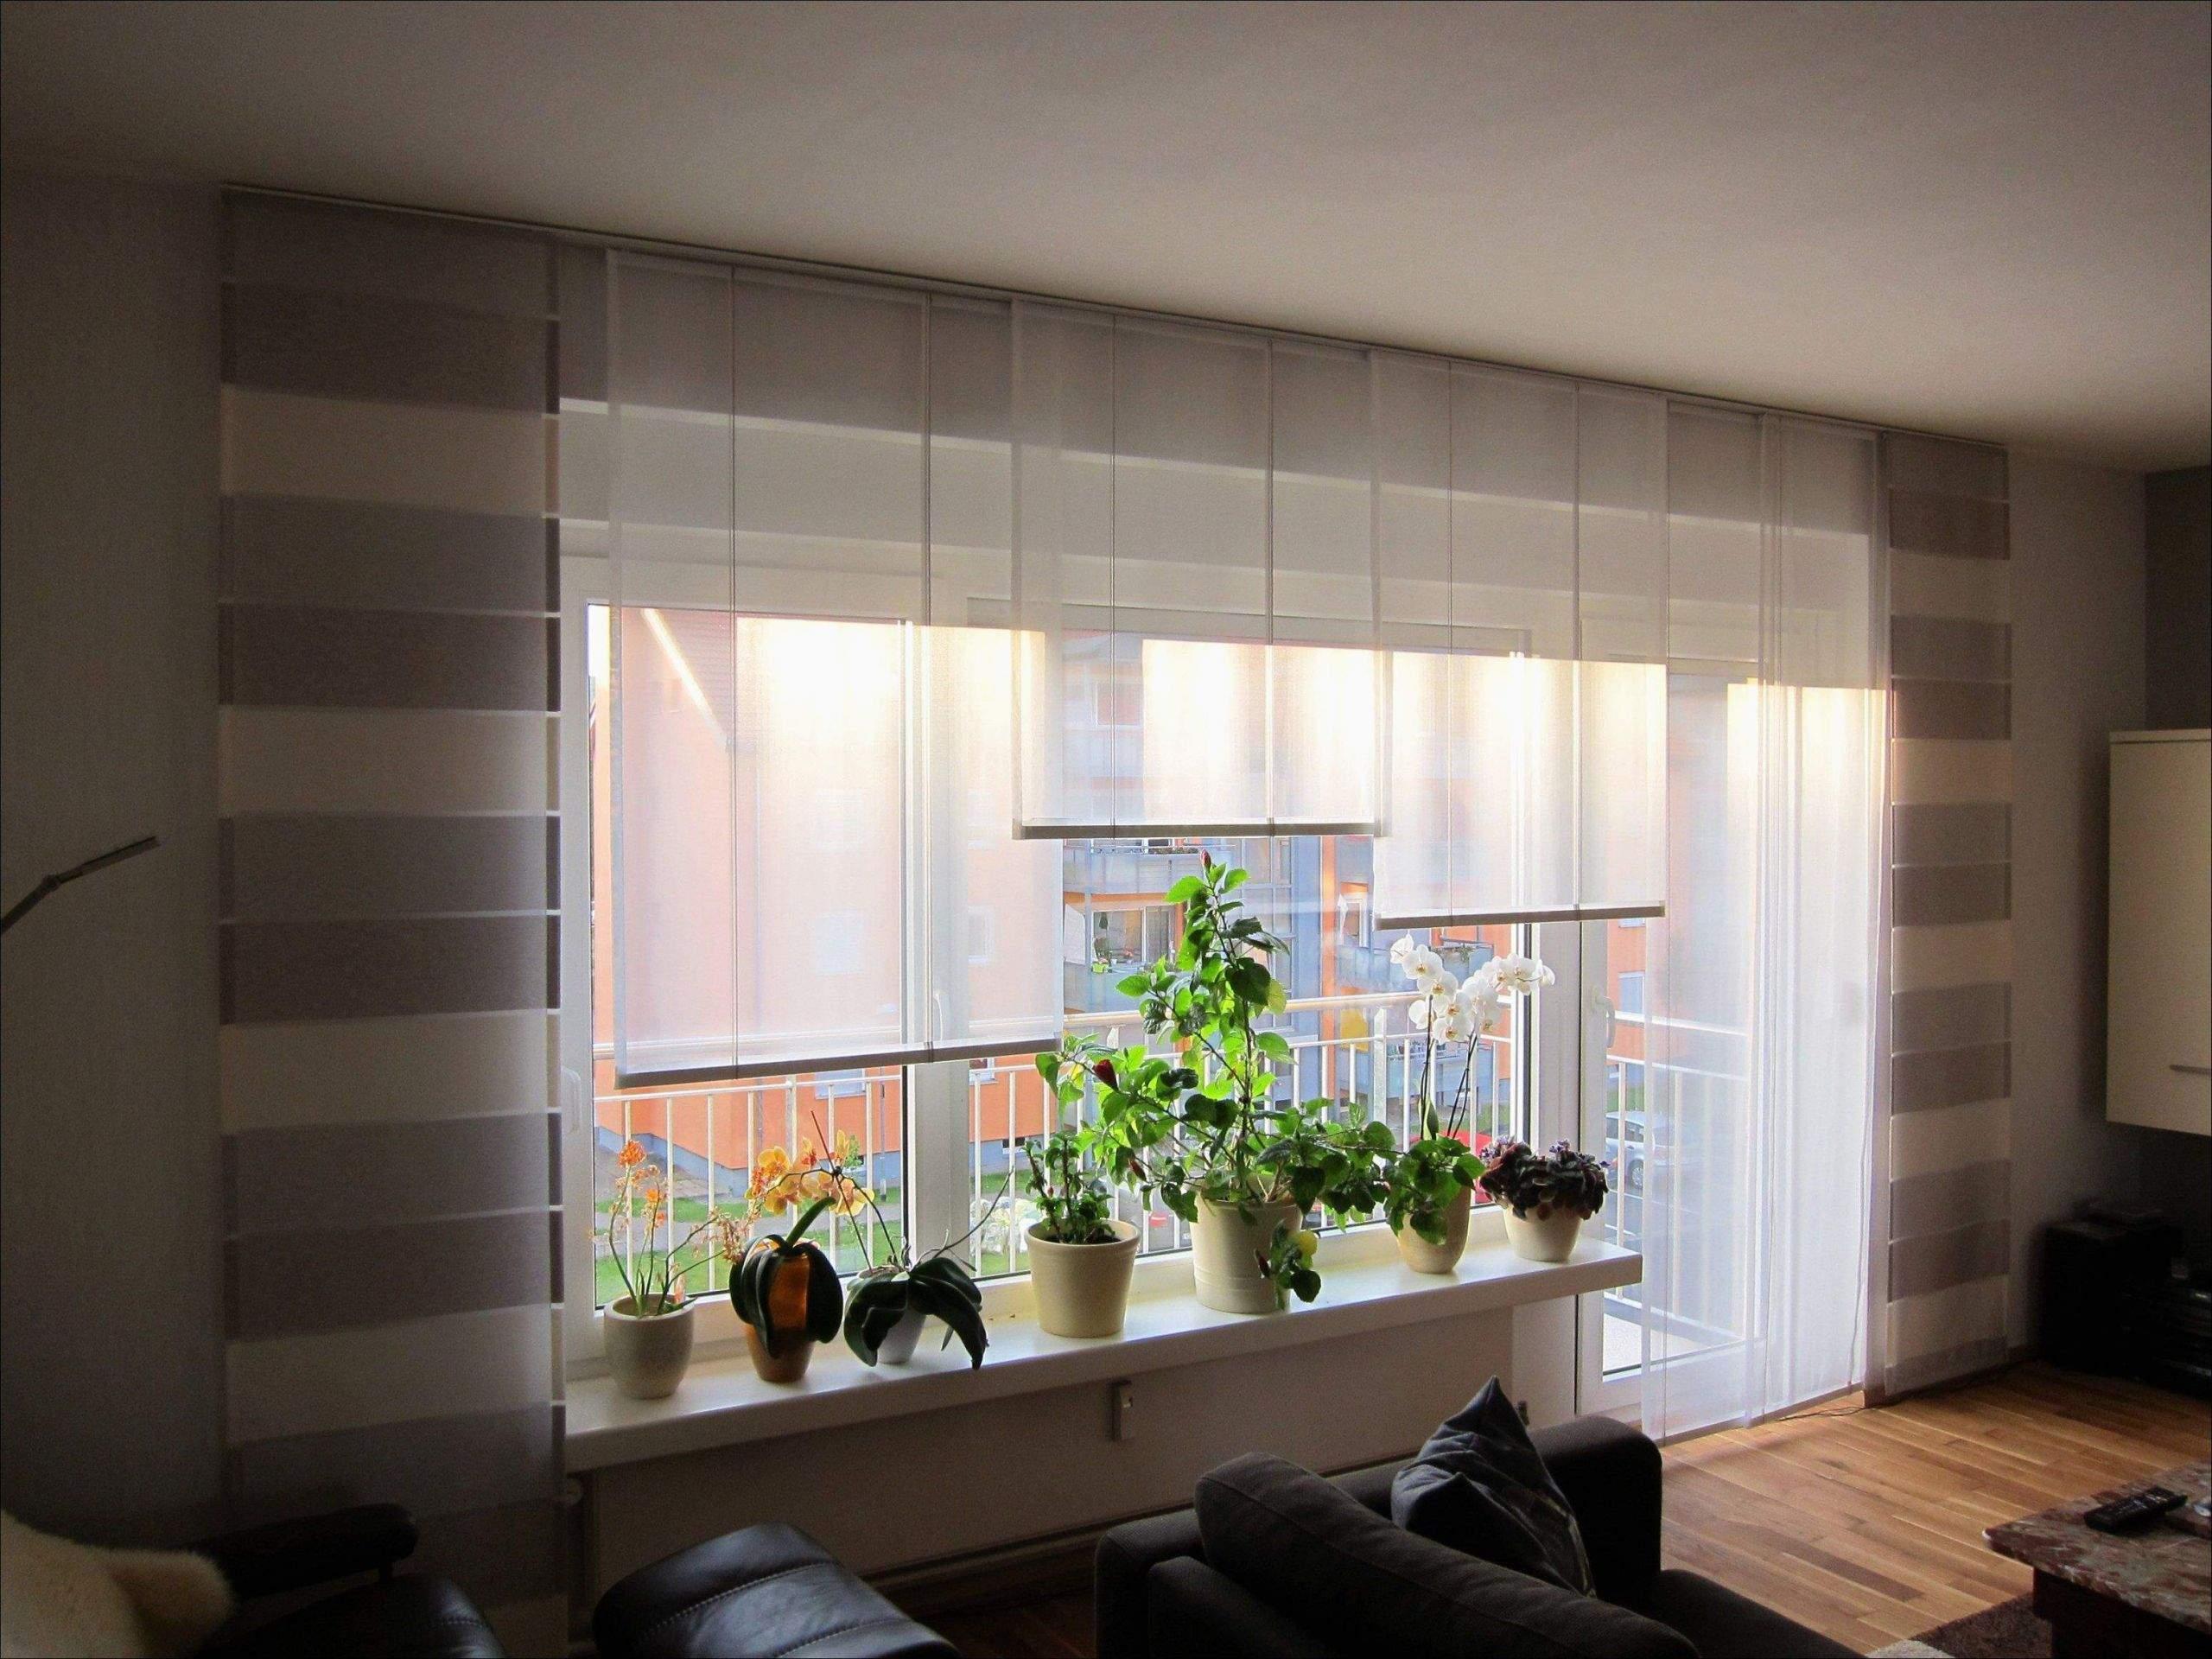 wohnzimmer gardinen luxus tedox gardinen 0d konzept ktxr of wohnzimmer gardinen scaled